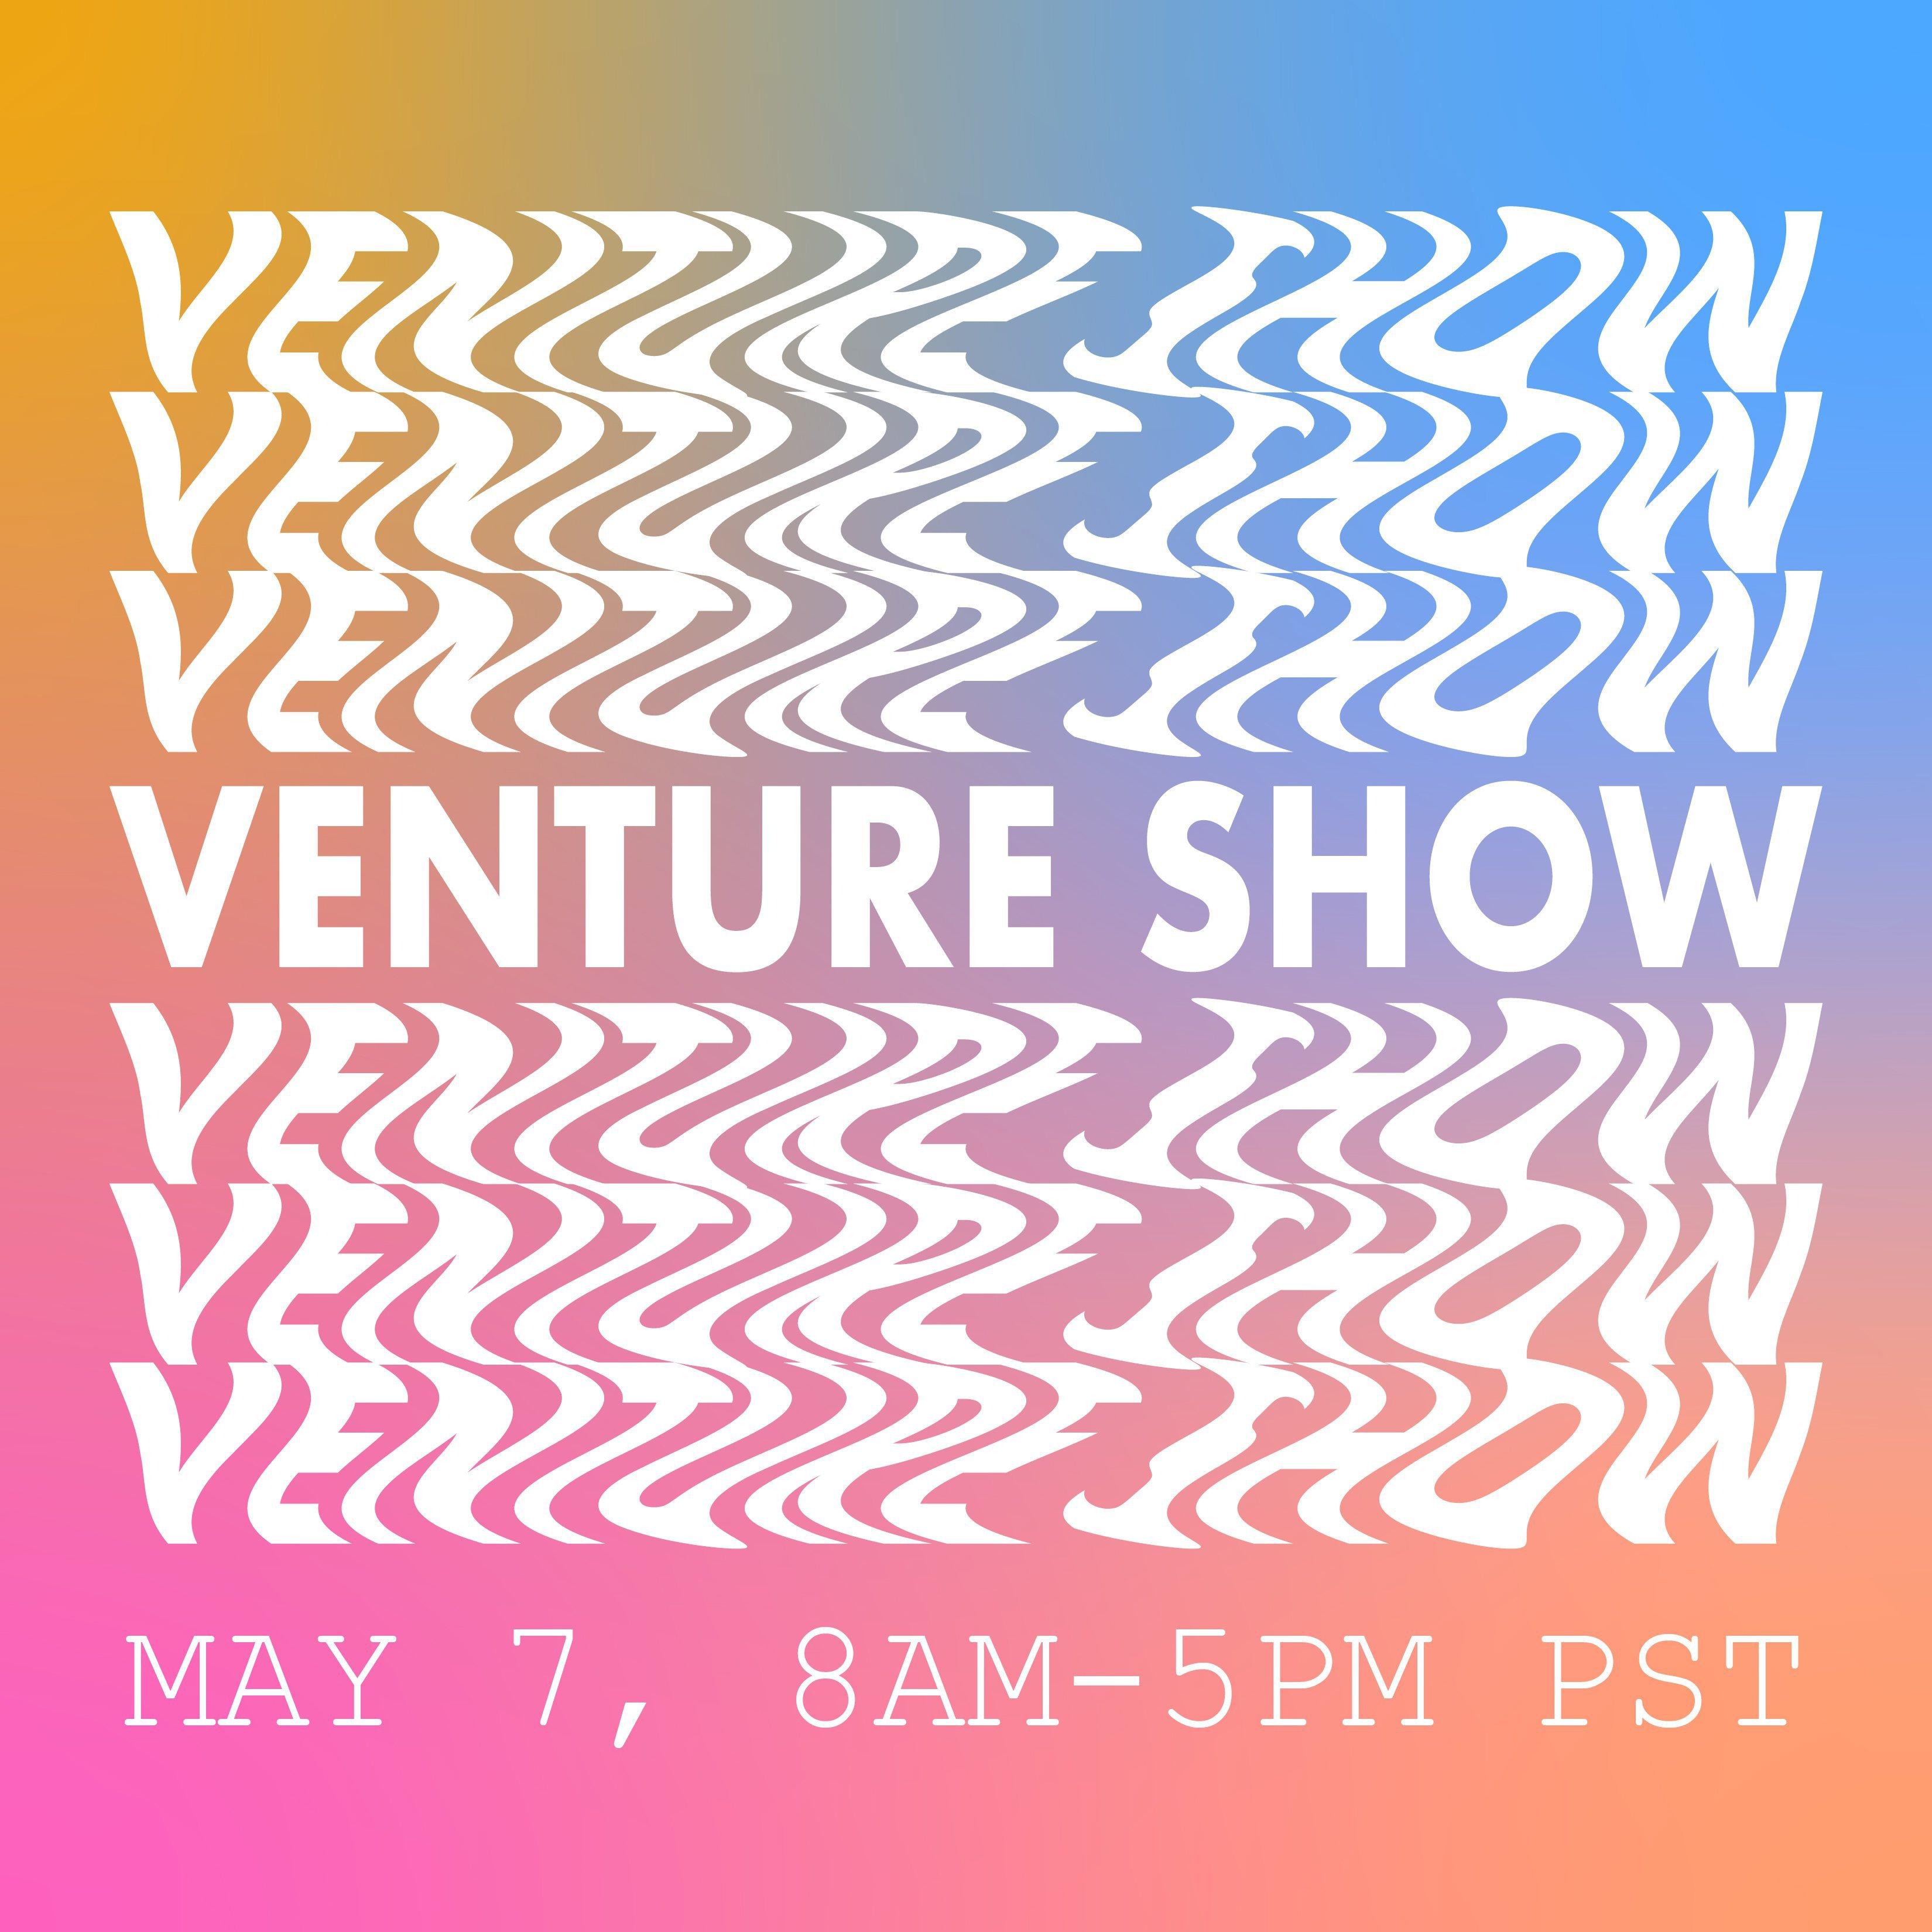 Venture Show 2021 Invitation graphic